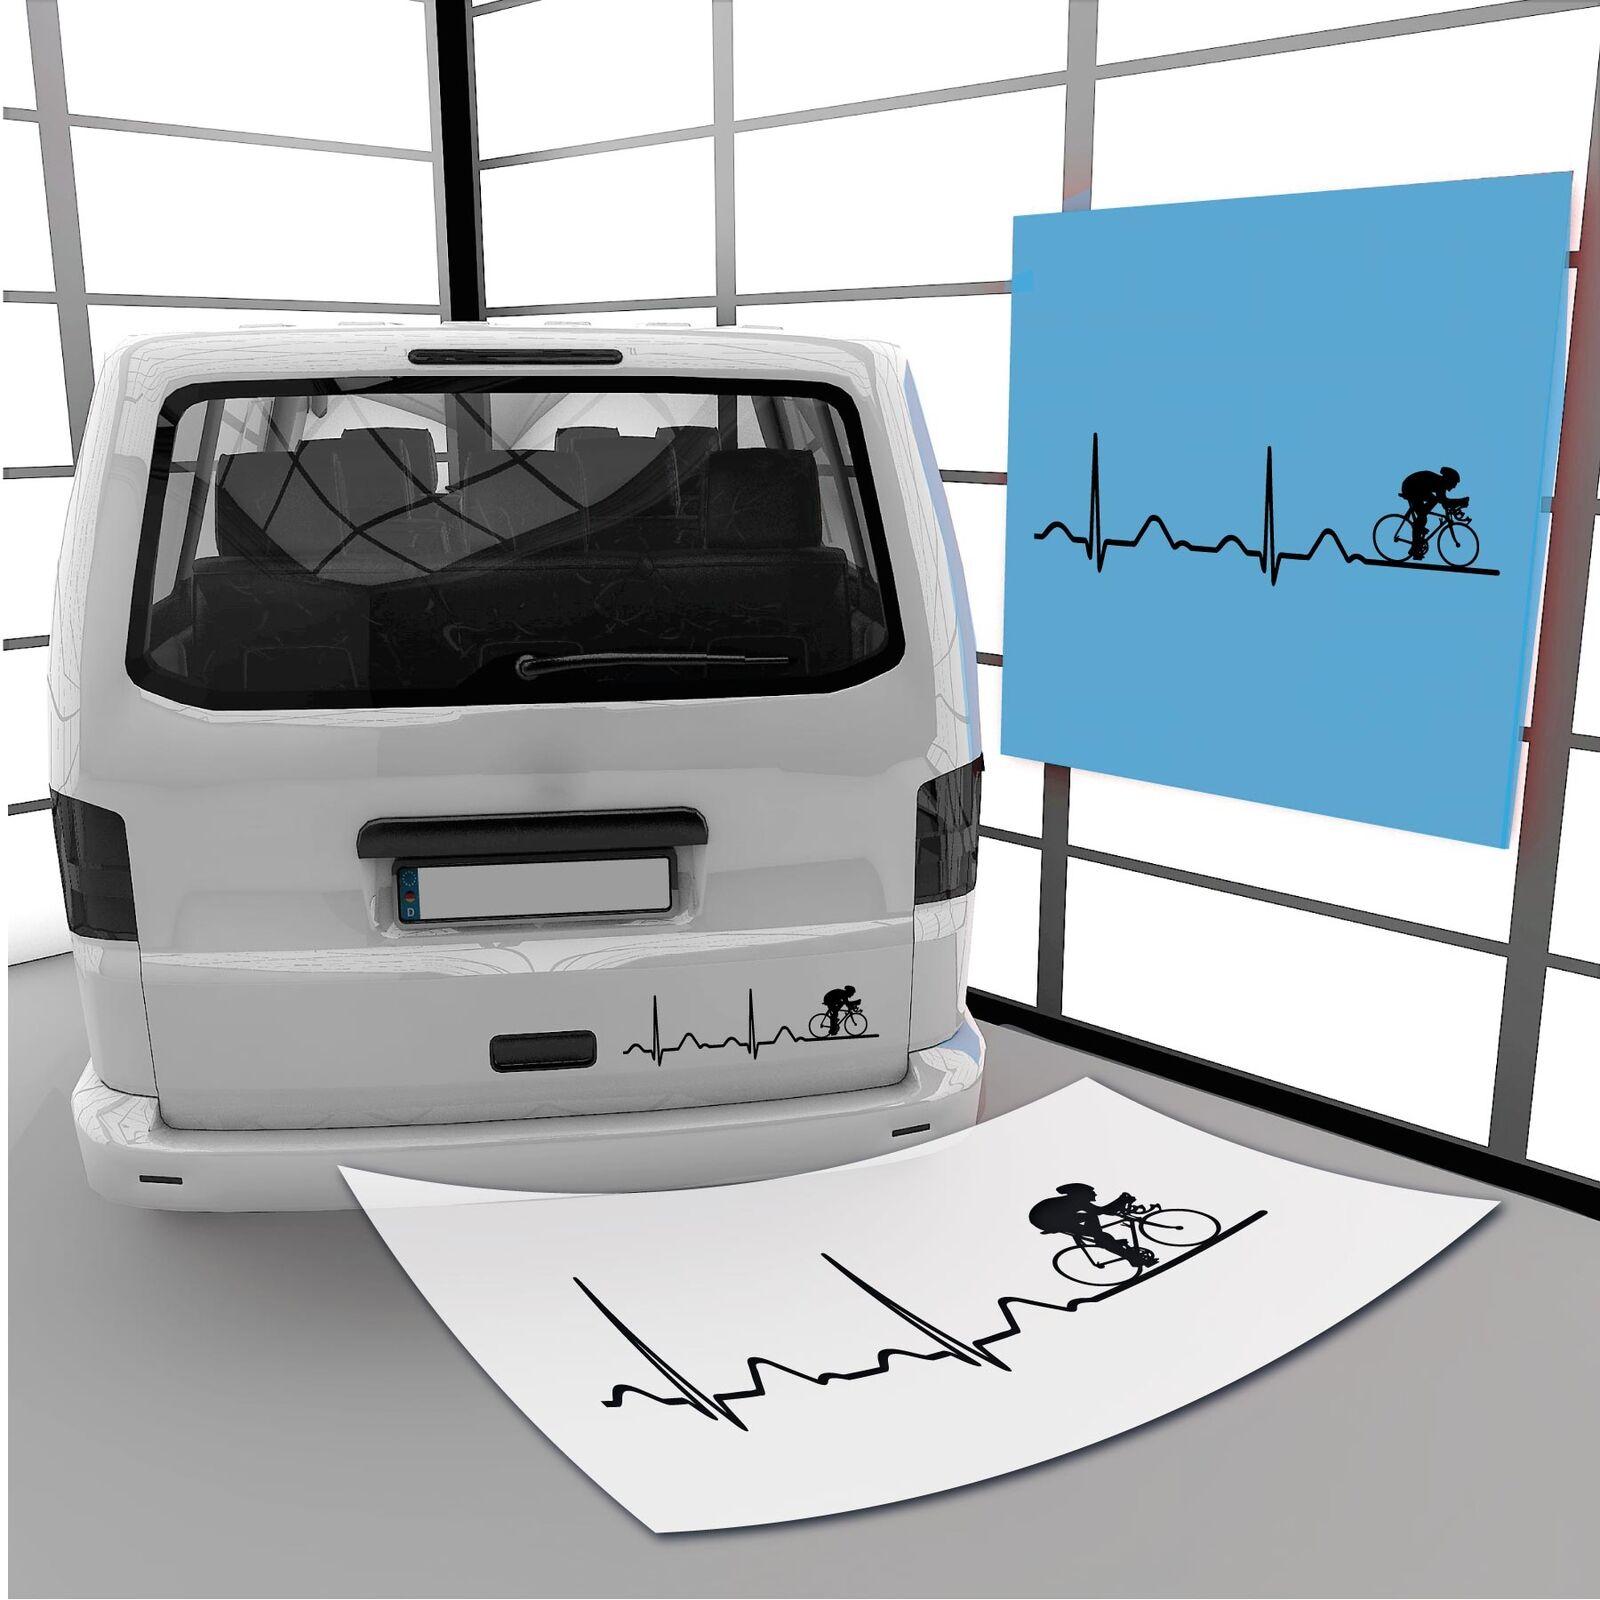 ECG & cyclistes des autocollants & ECG murale * Top style 4 Bike * cdd0d1